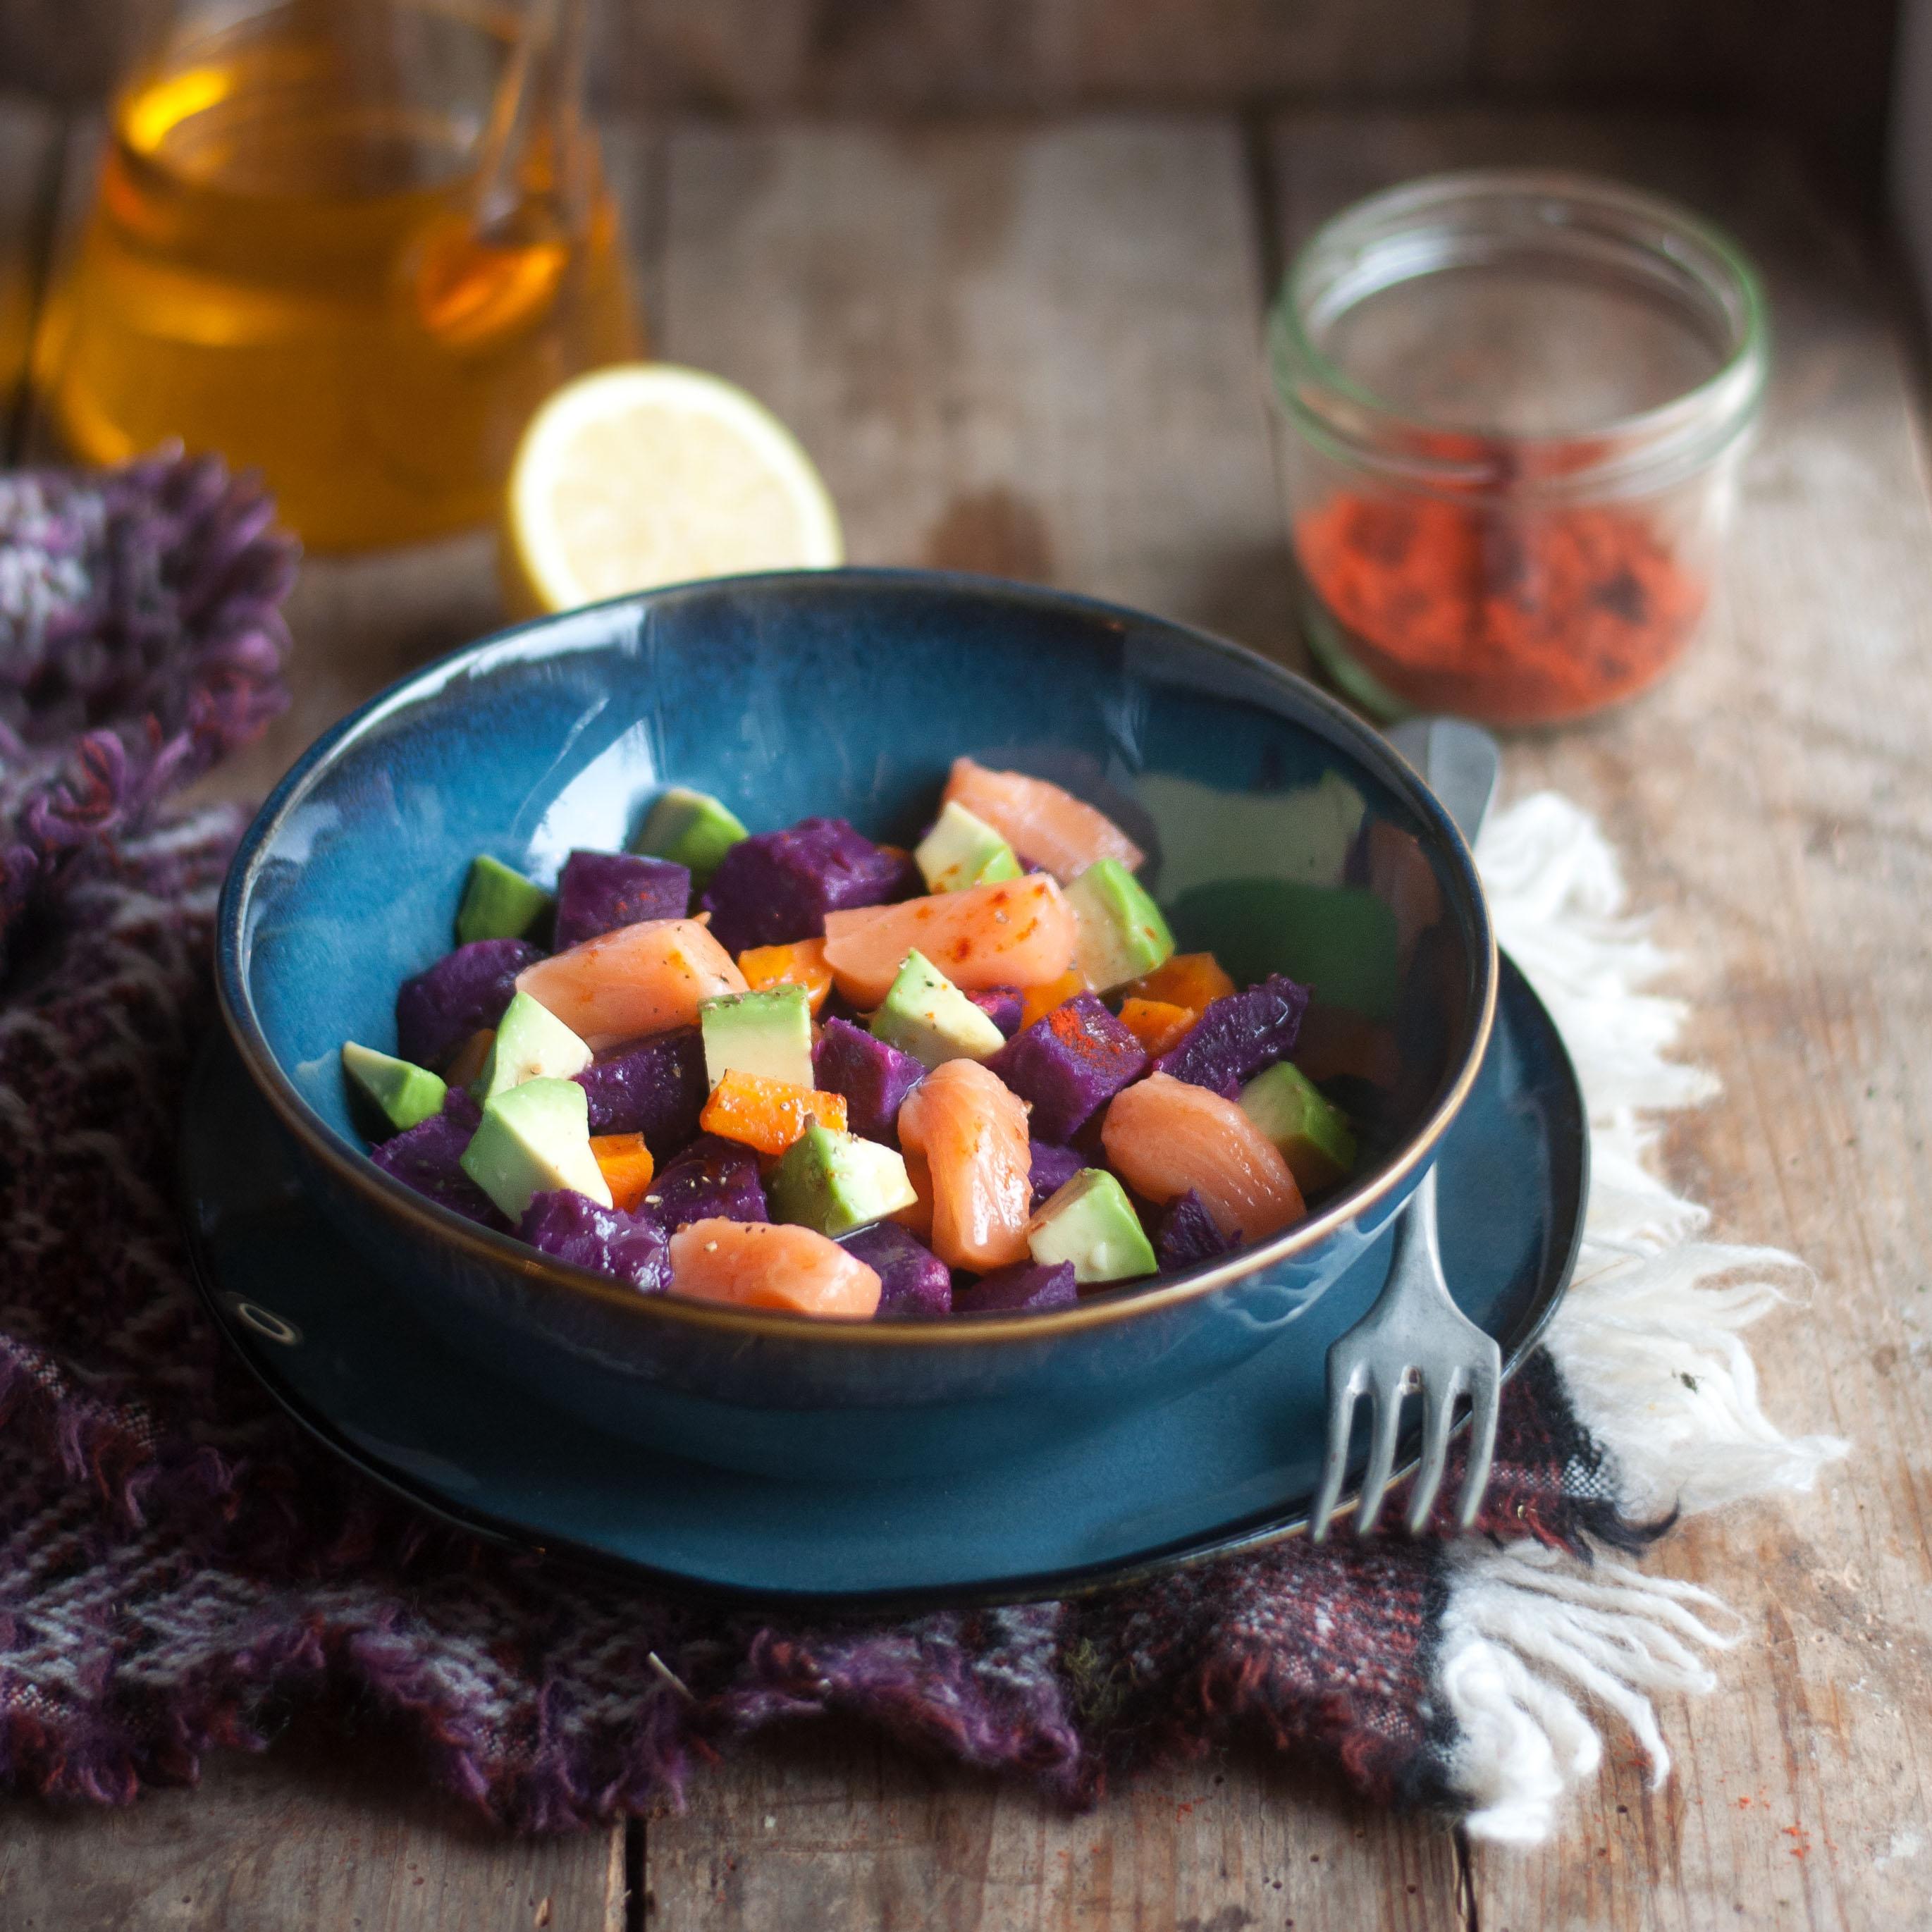 Ma petite saladerie à la maison, Marie Chioca, Terre Vivant13